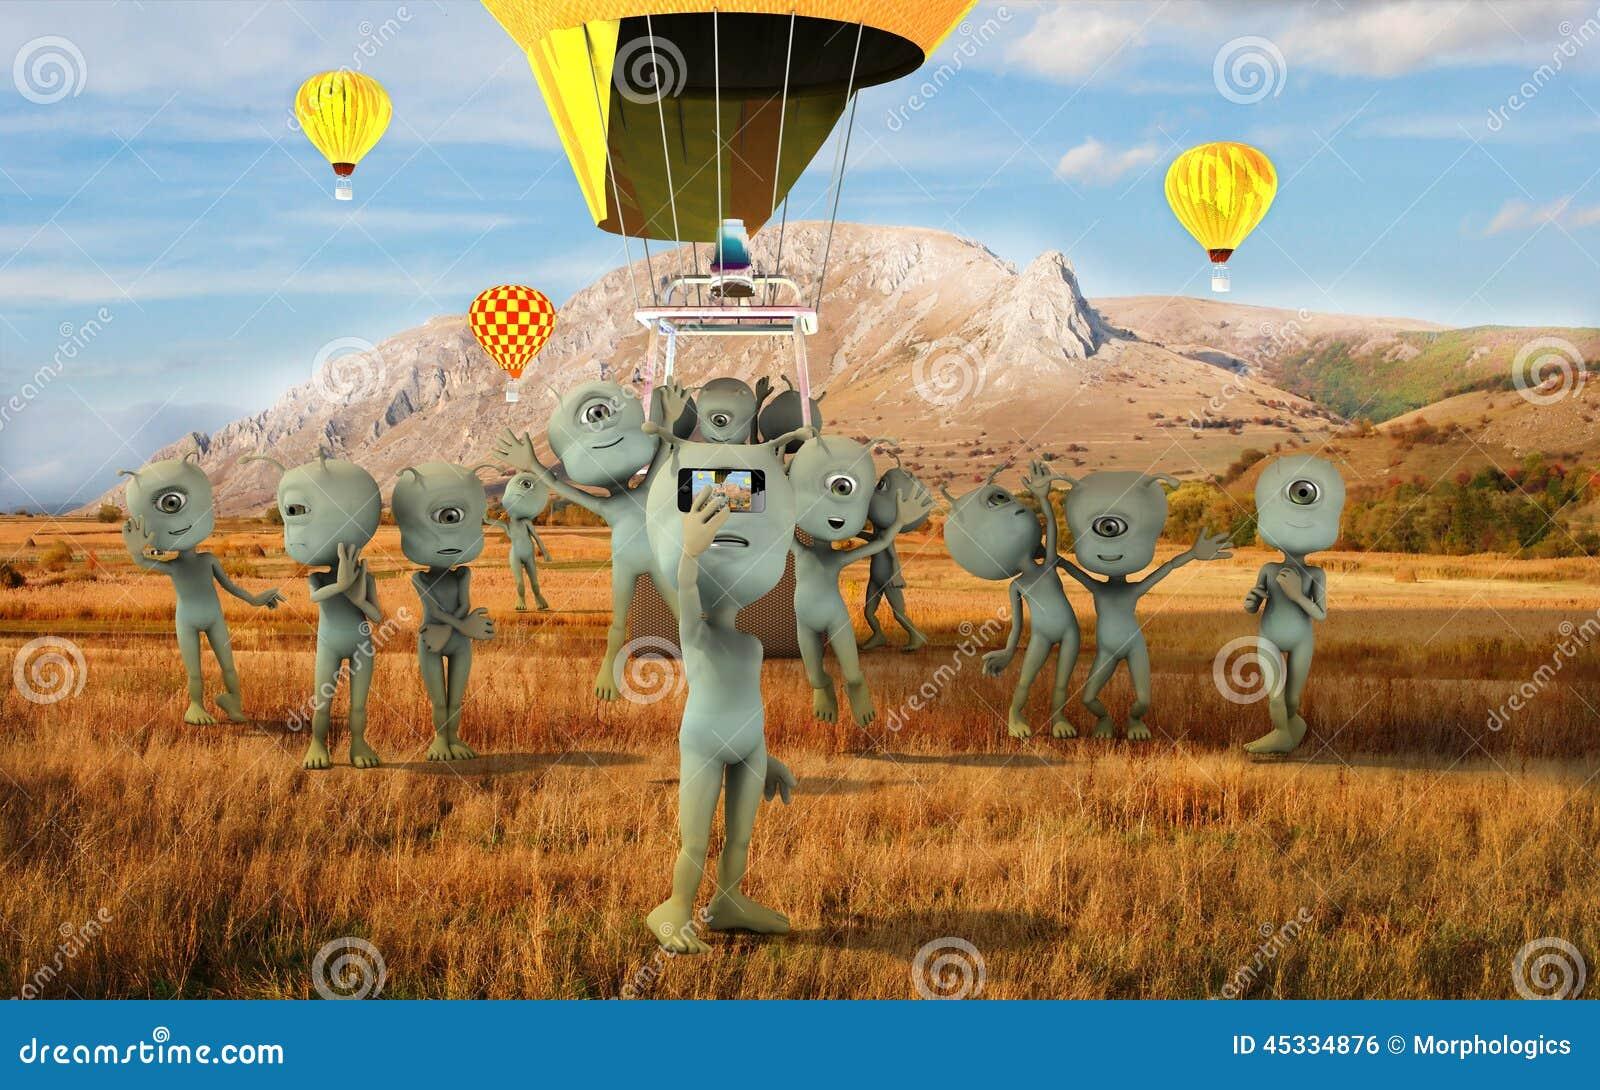 alien group Selfie